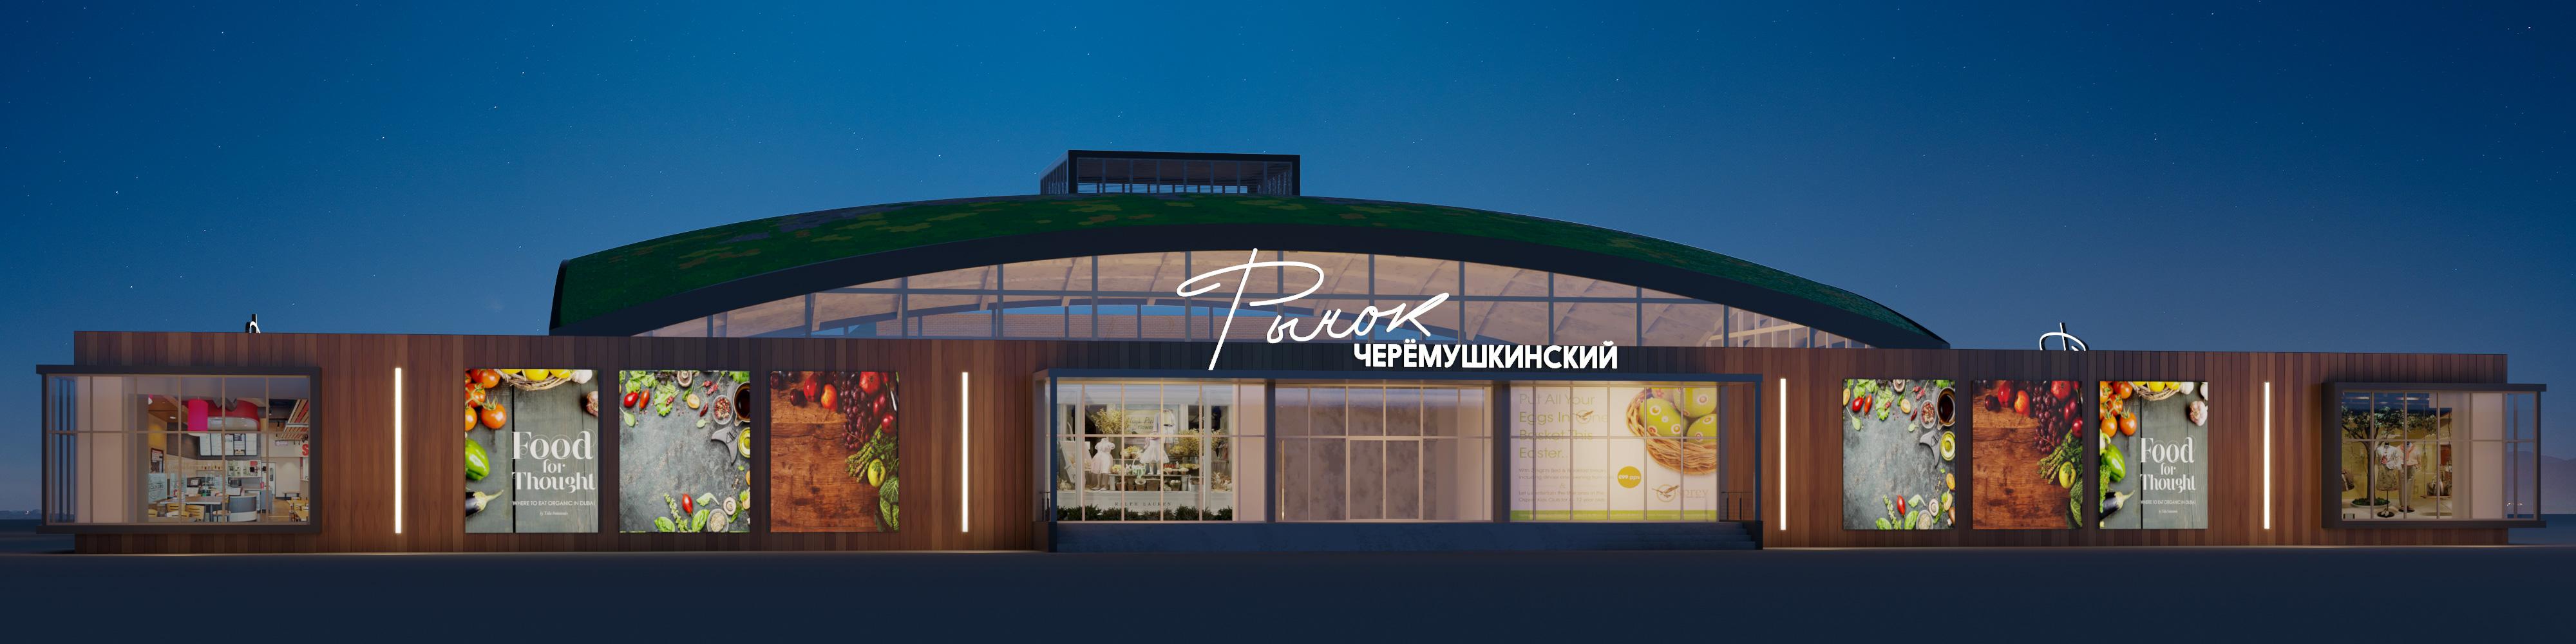 Черемушкинский рынок г. Москва